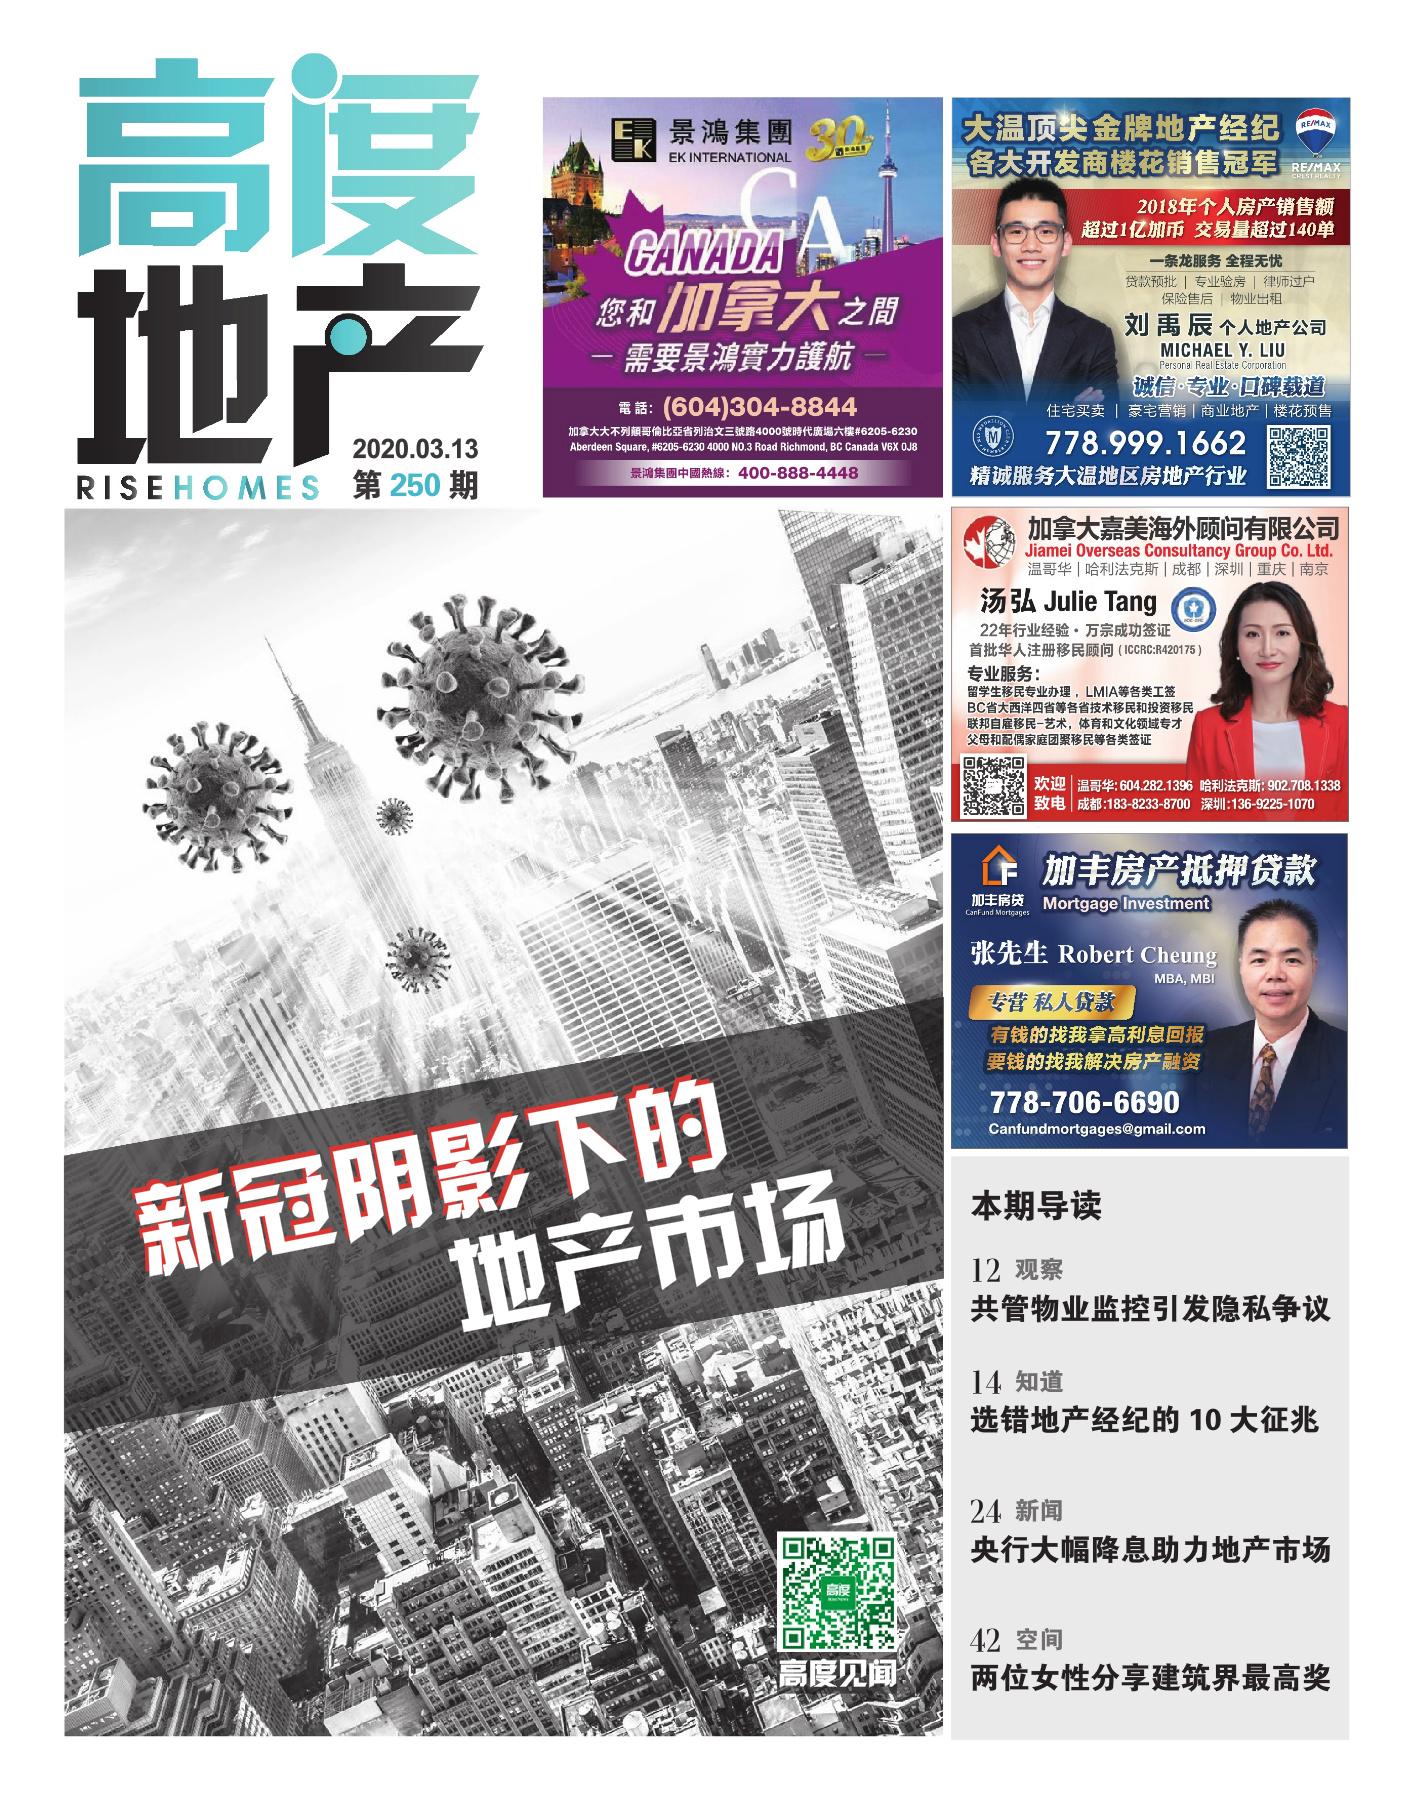 高度地产周刊 2020年03月13日 第250期